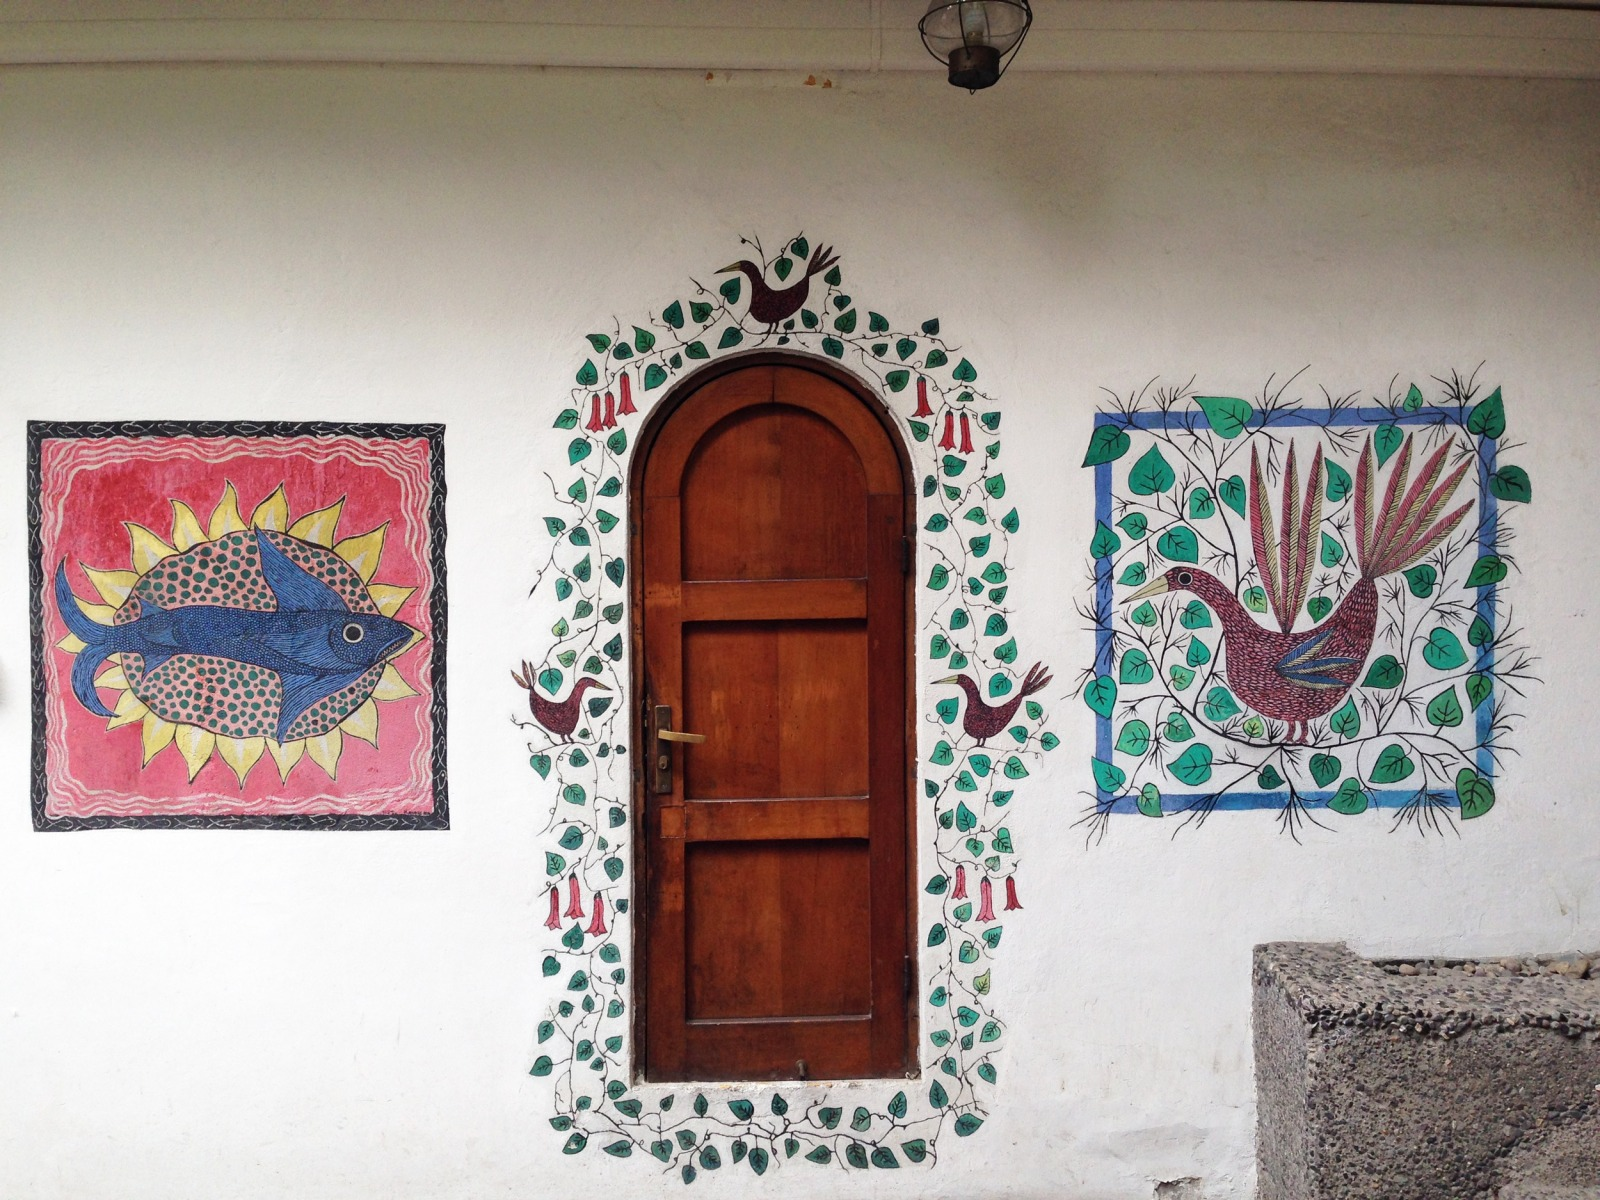 Wooden door between two animal paintings